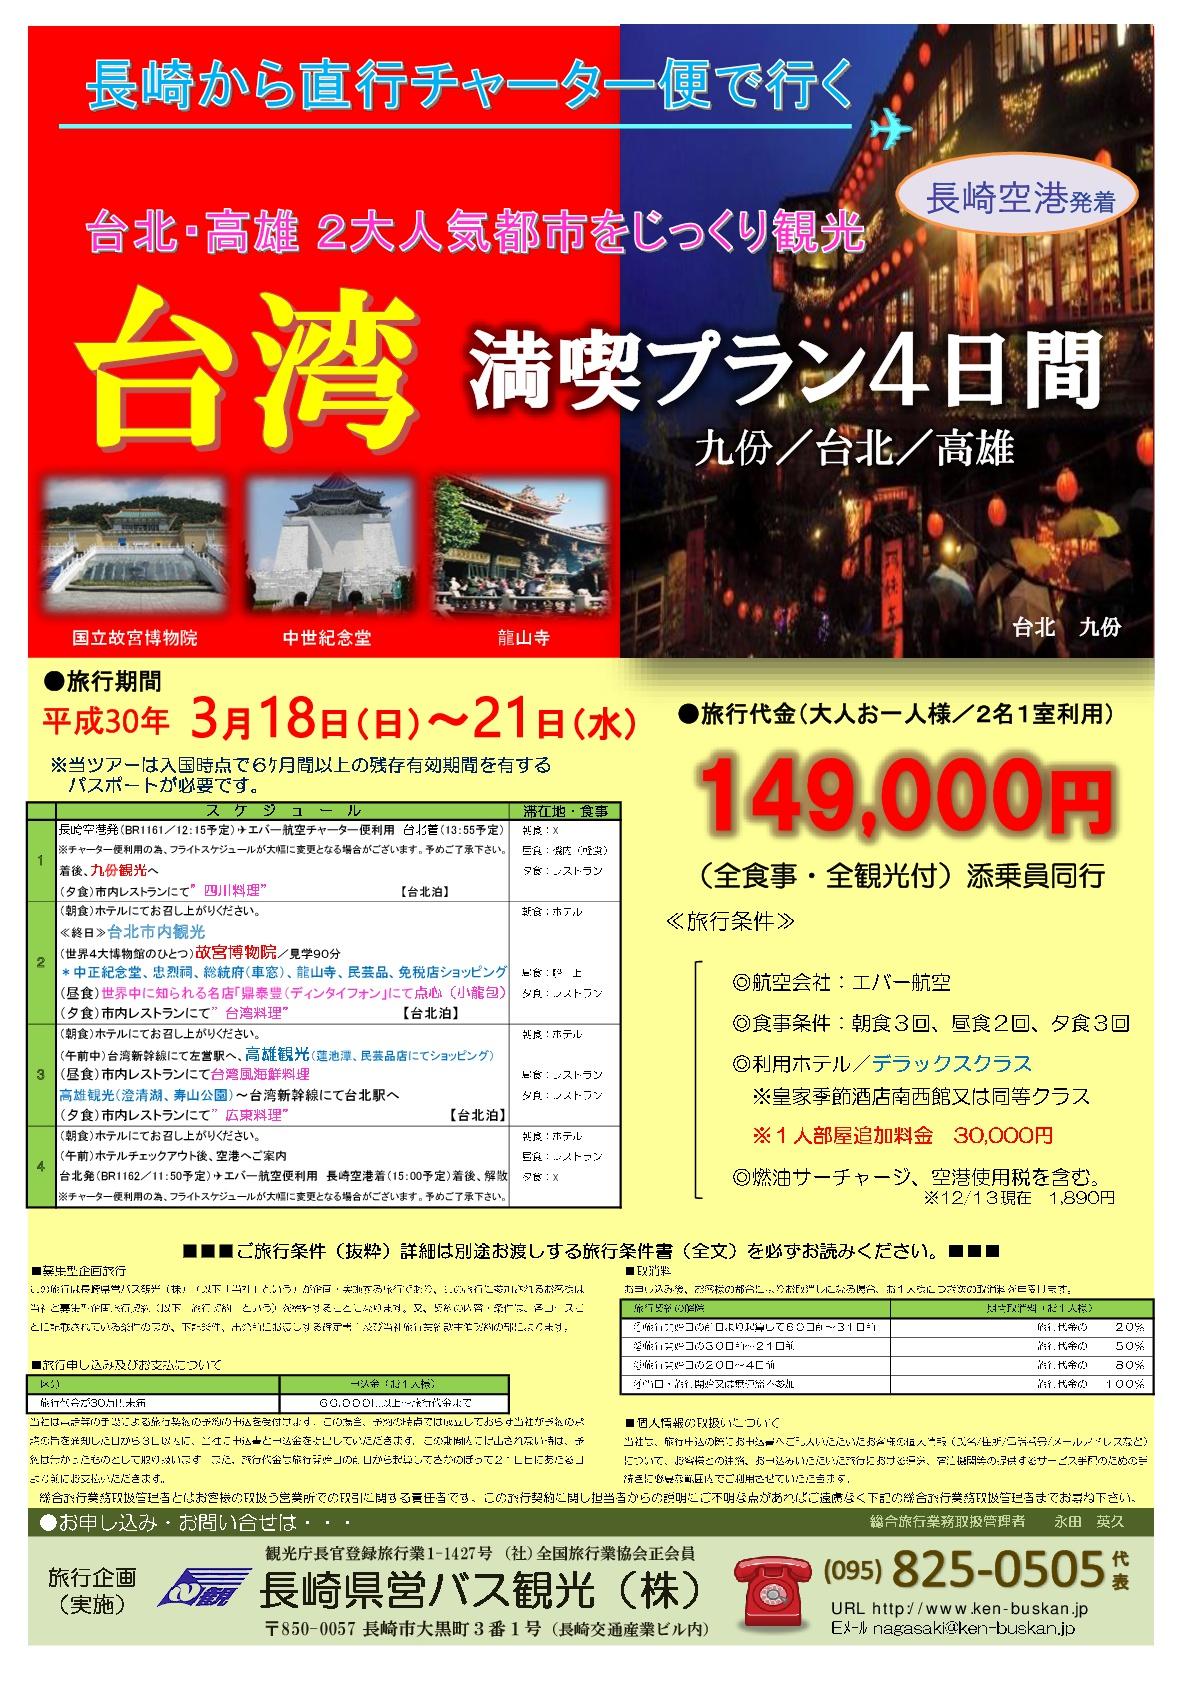 台湾満喫プラン4日間-九份・台北・高雄-